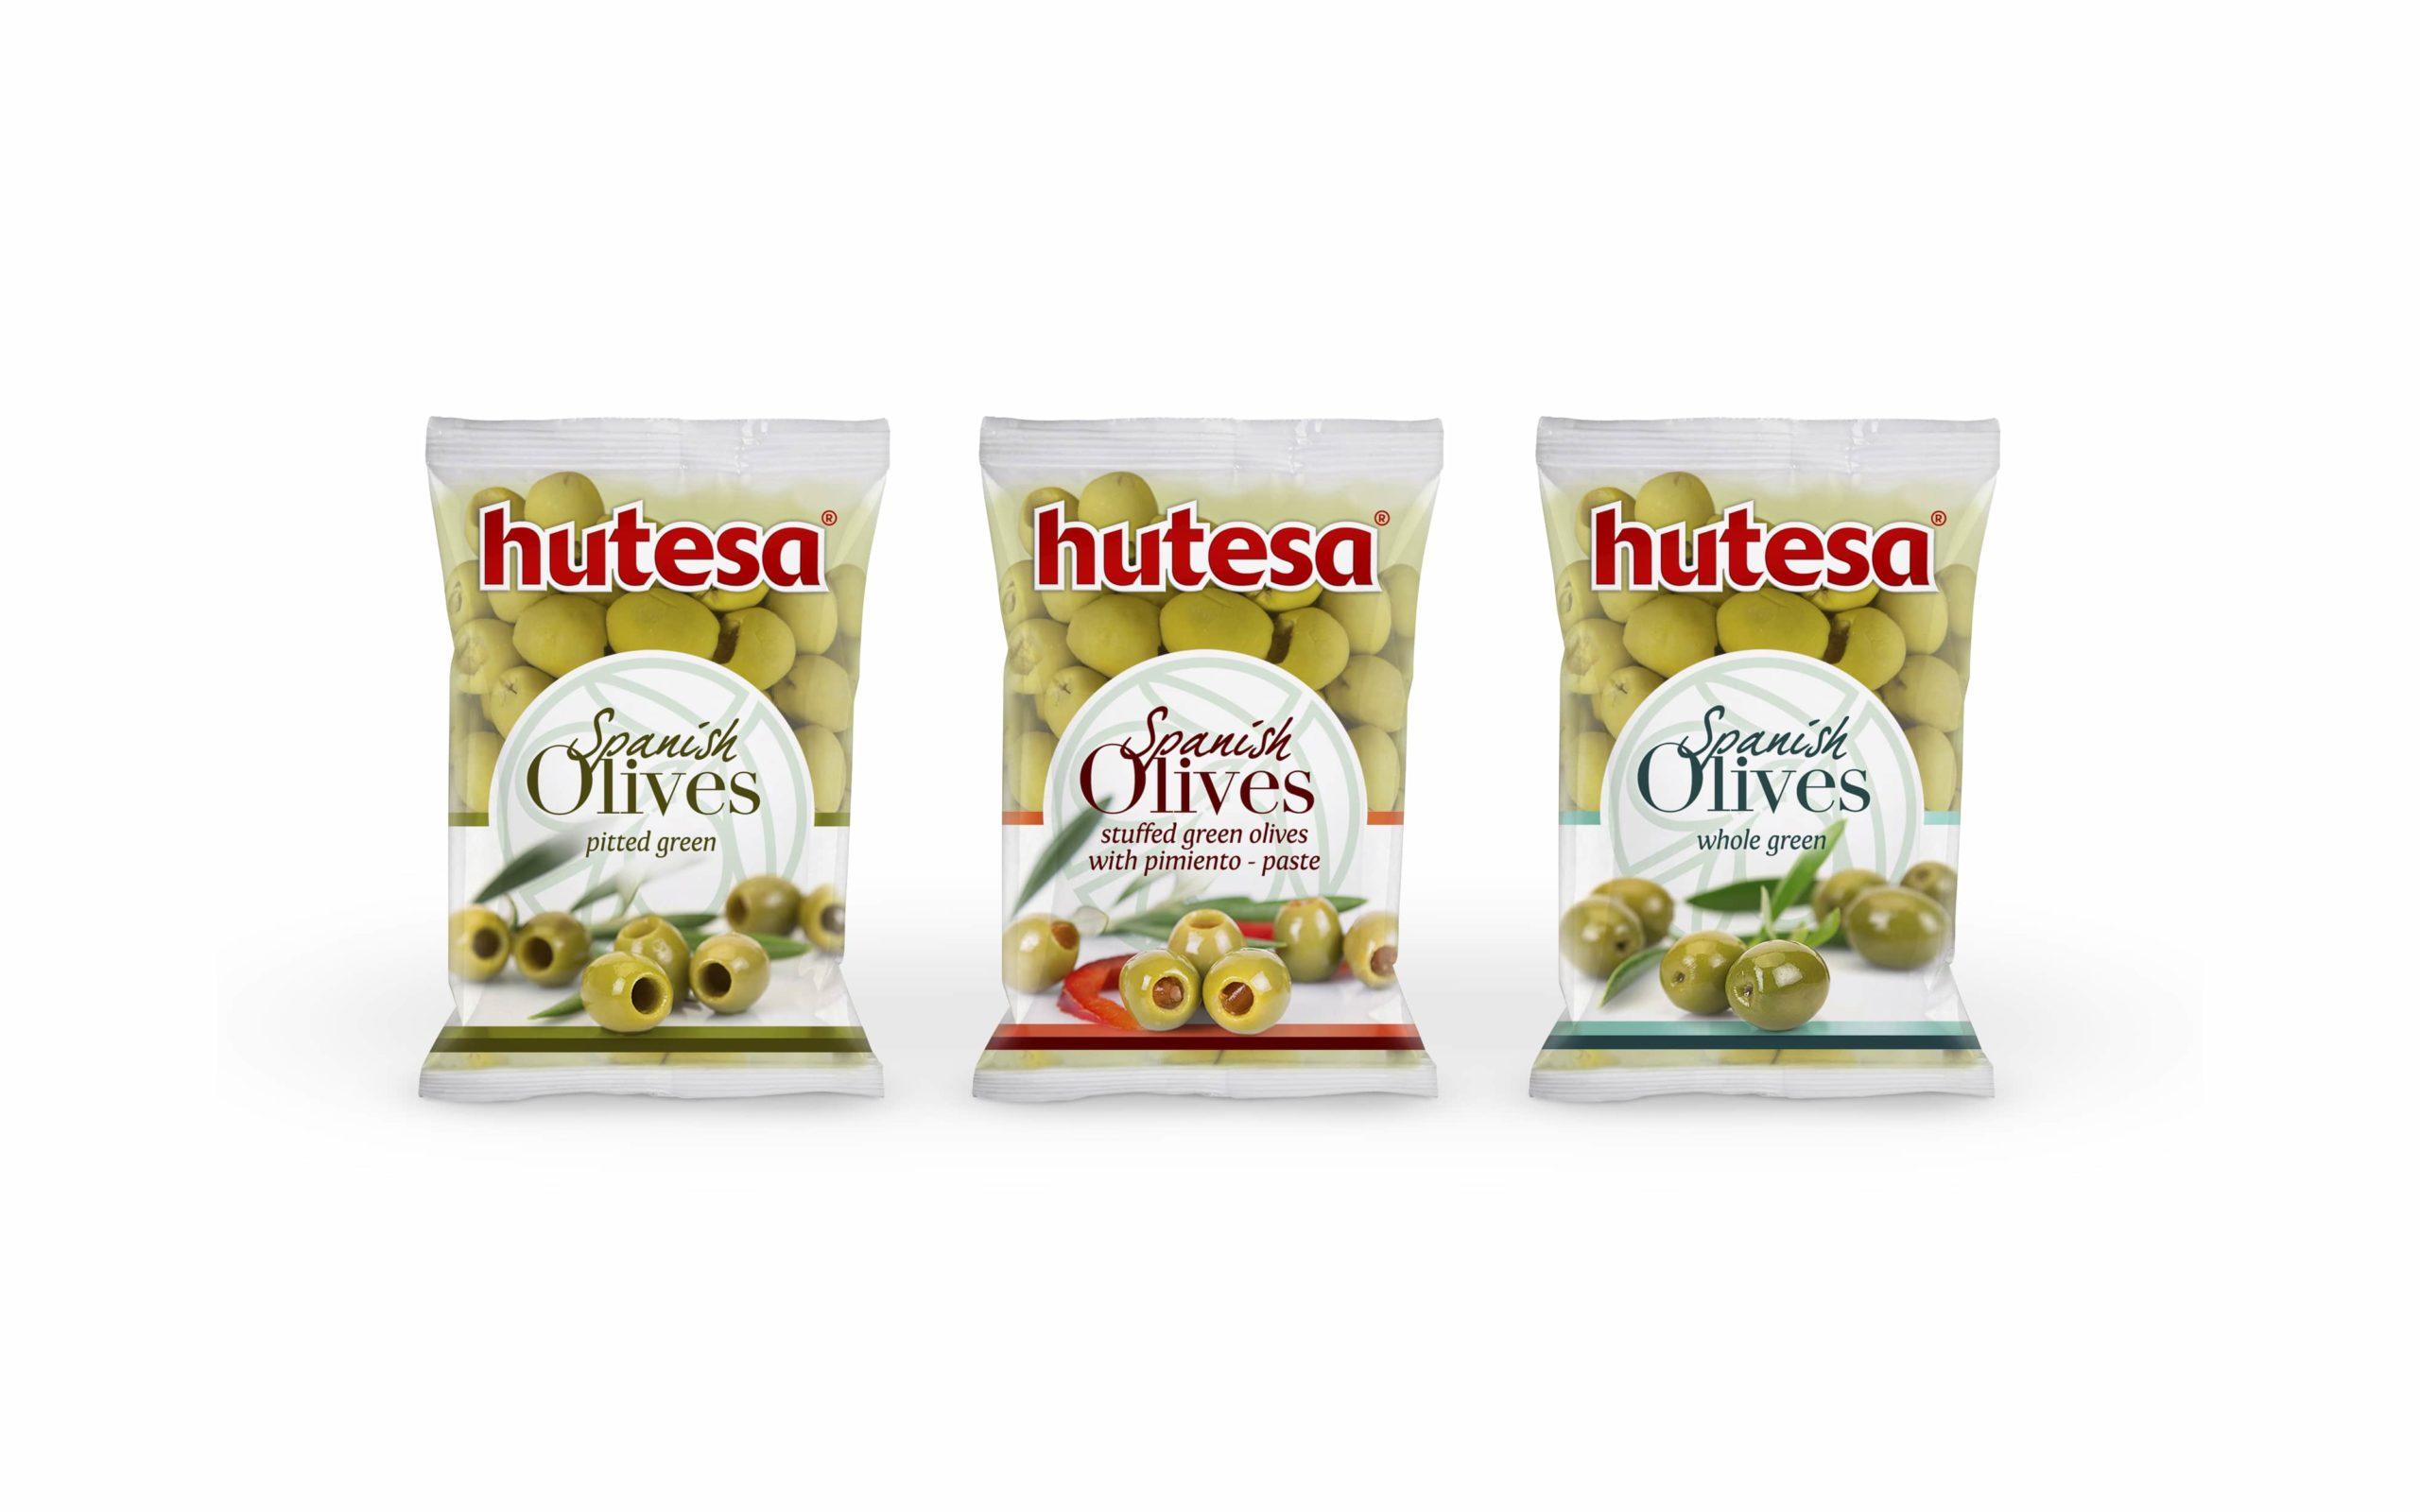 diseno-packaging-hutesa-bolsas-min